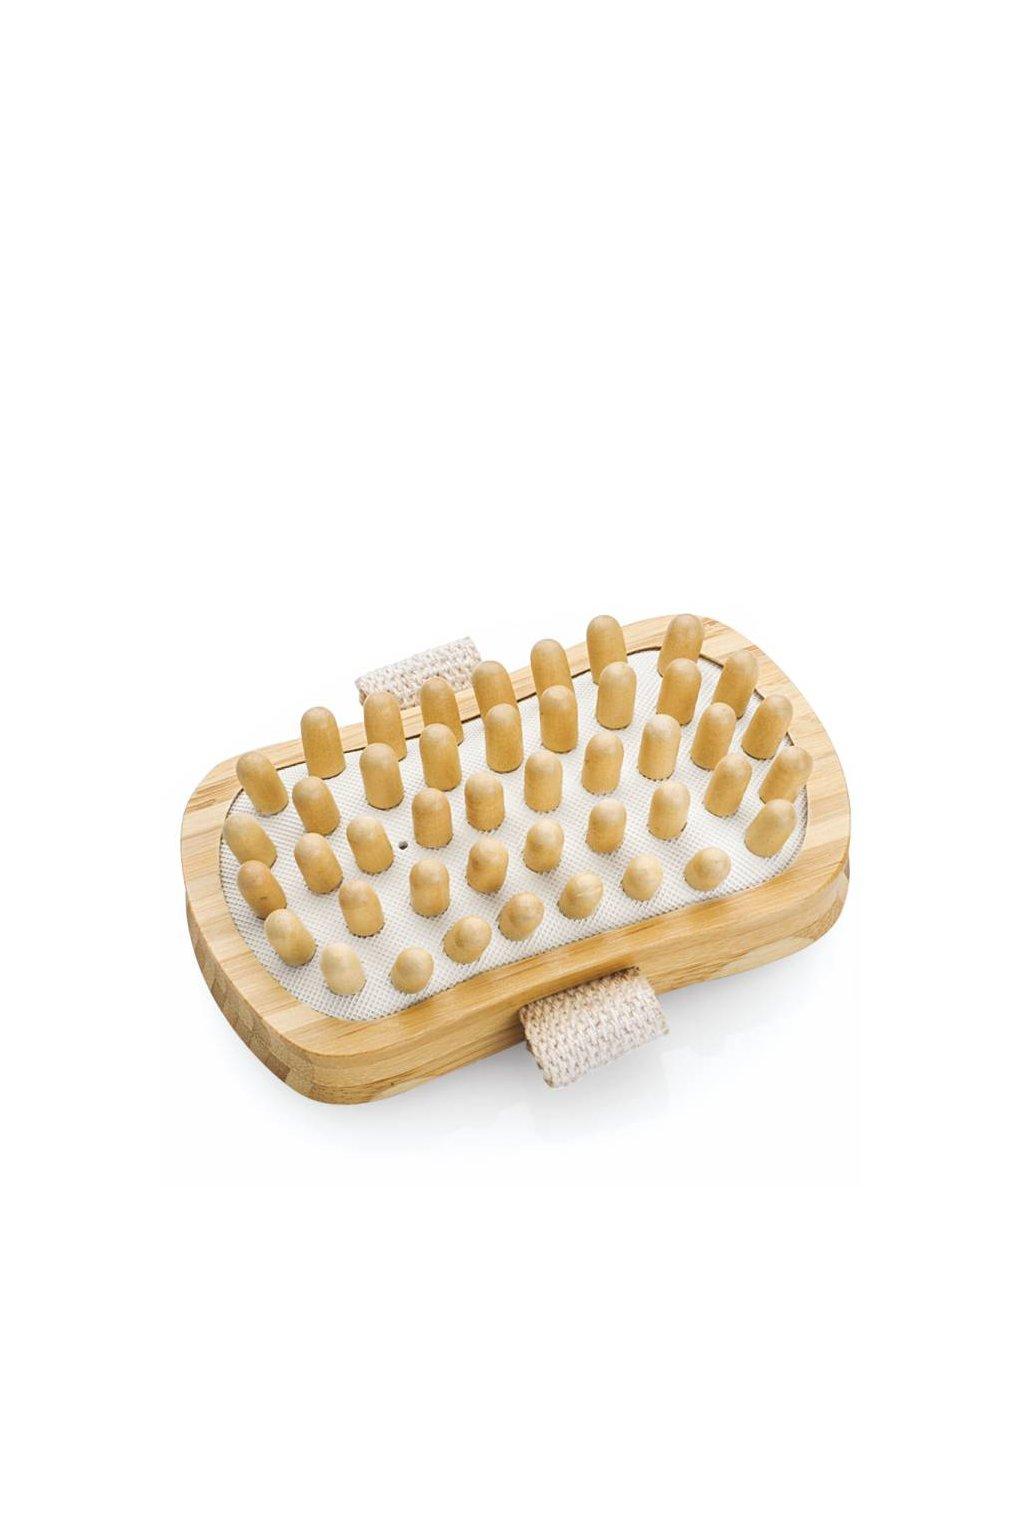 Spa beauty Masážní kartáč do ruky dřevěný obdélník, kulaté masážní trny, proti celulitidě